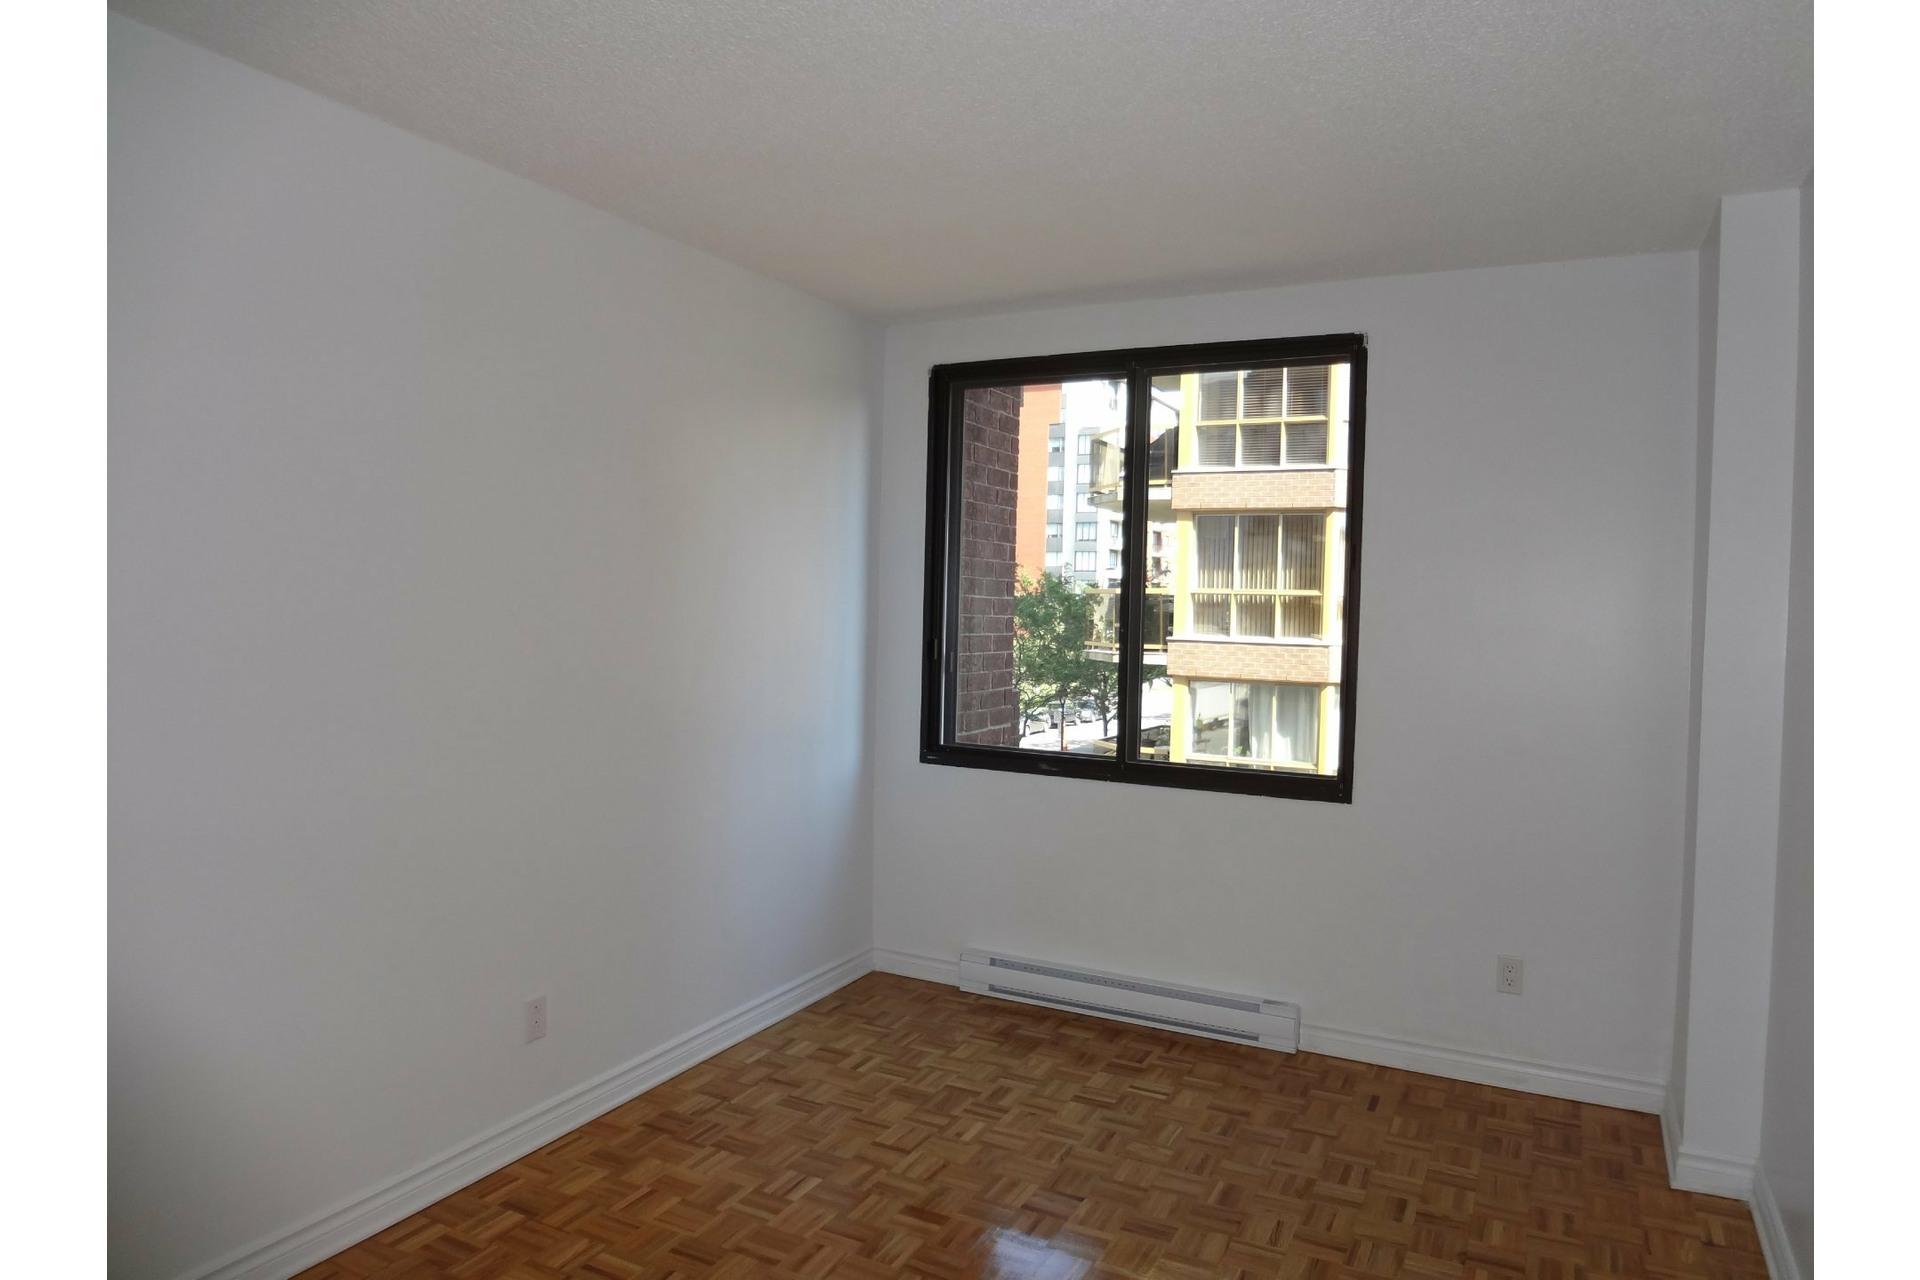 image 6 - Apartment For rent Ville-Marie Montréal  - 5 rooms